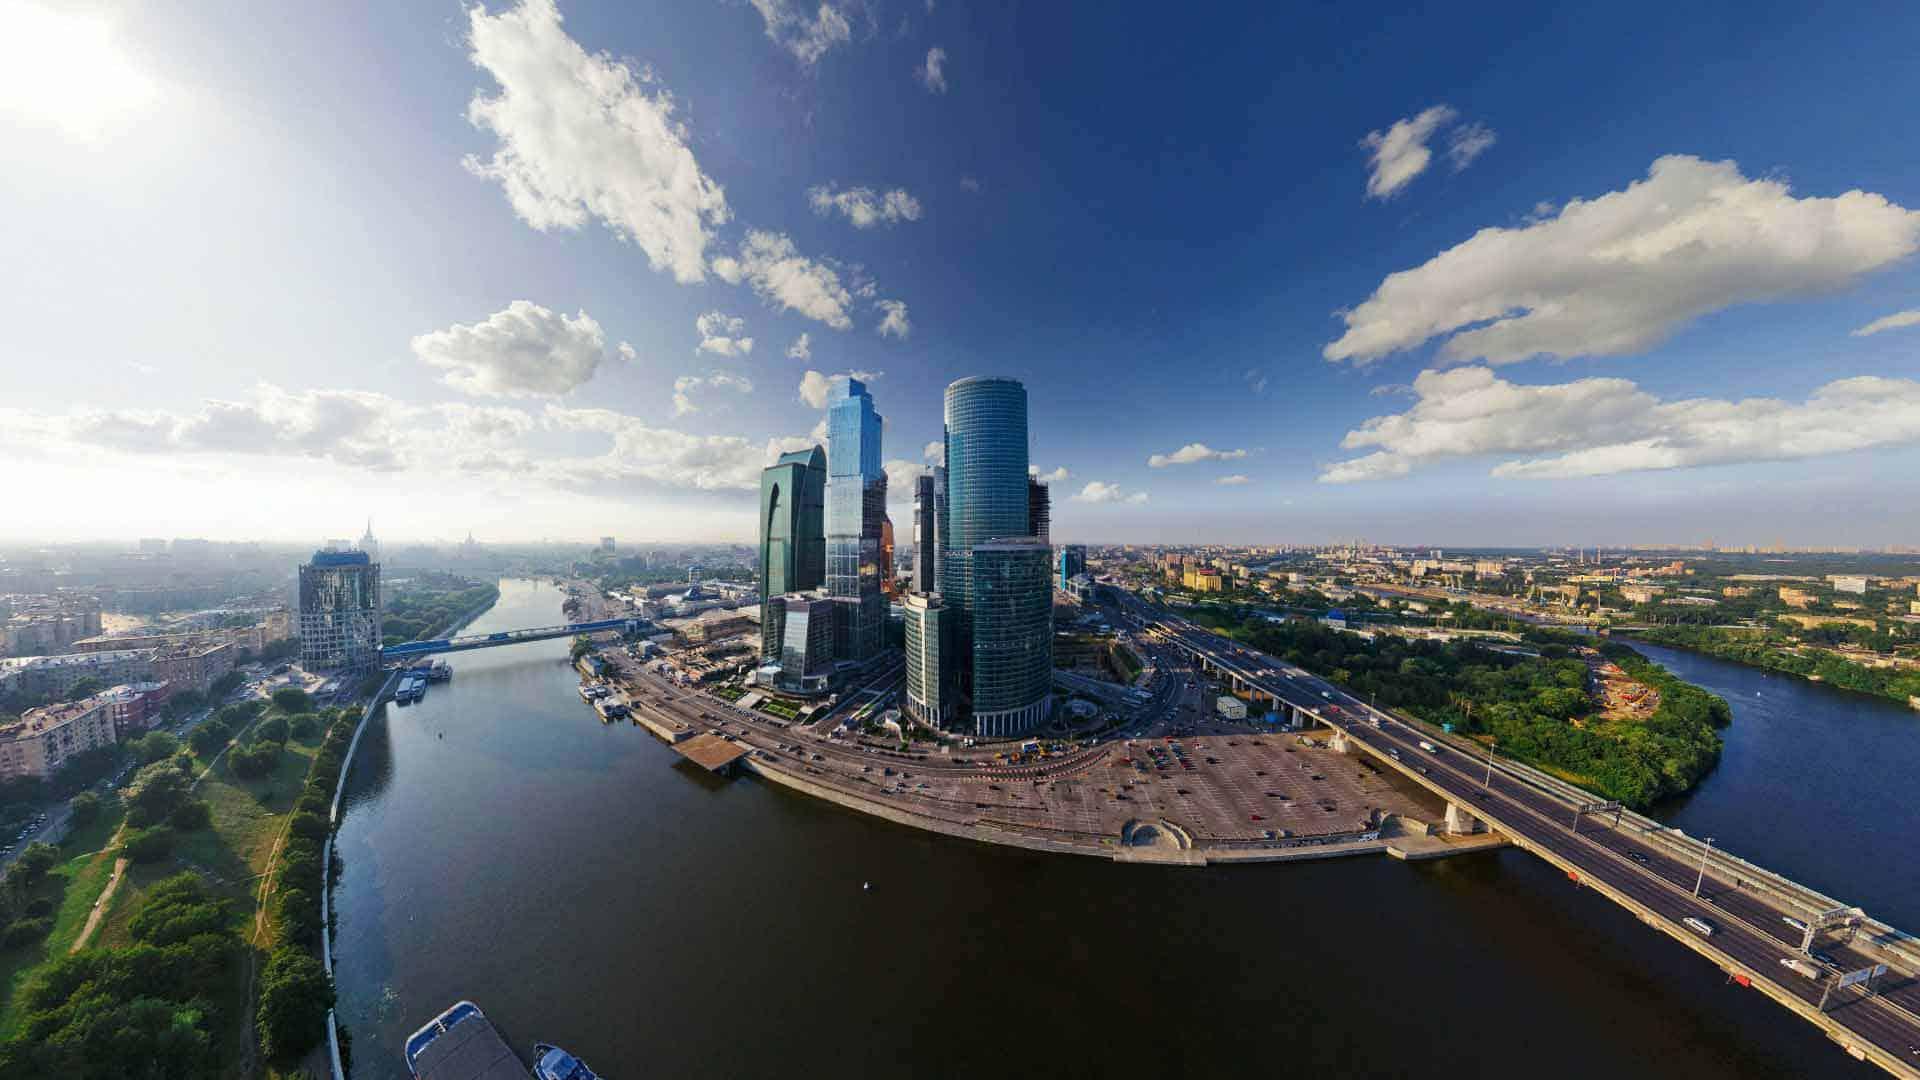 Москва - популярнее Парижа Москва – популярнее Парижа 6